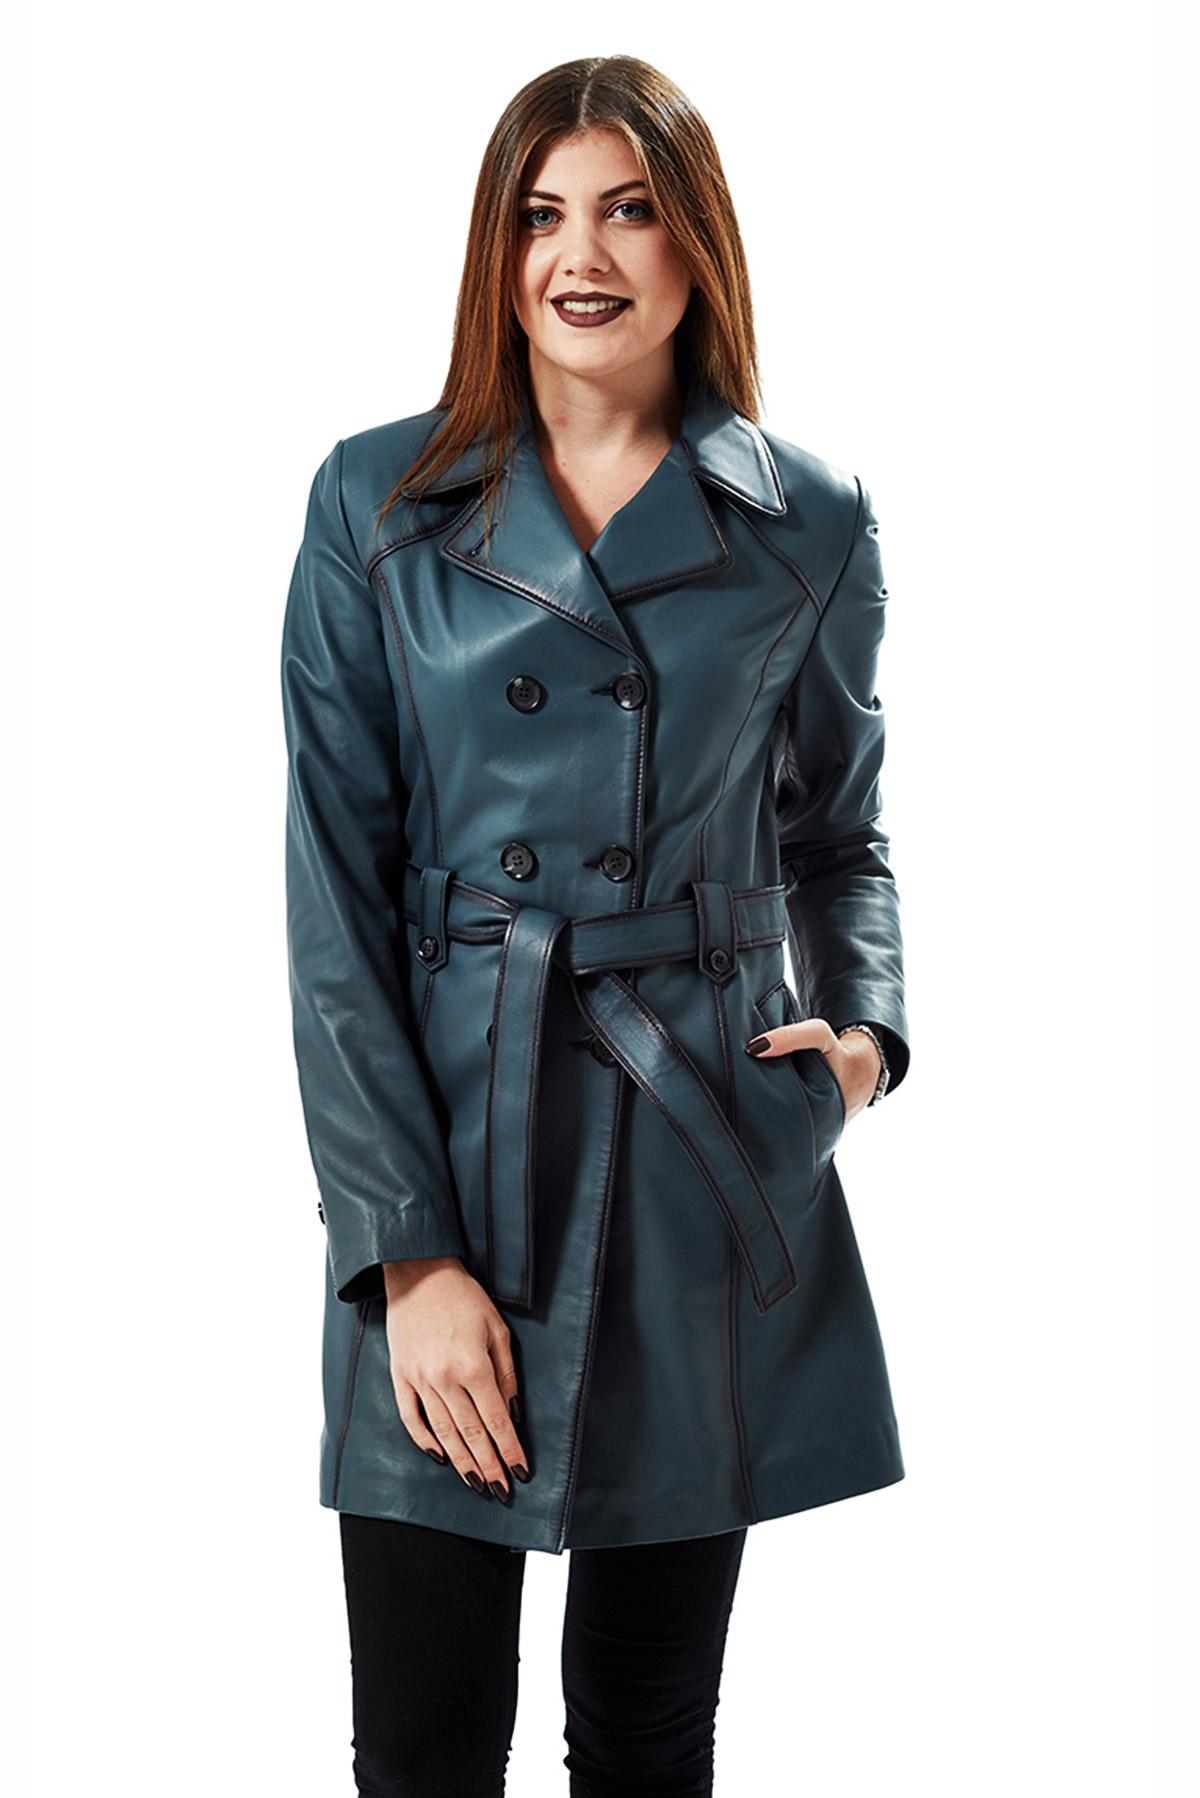 paul smith blue leather jacket